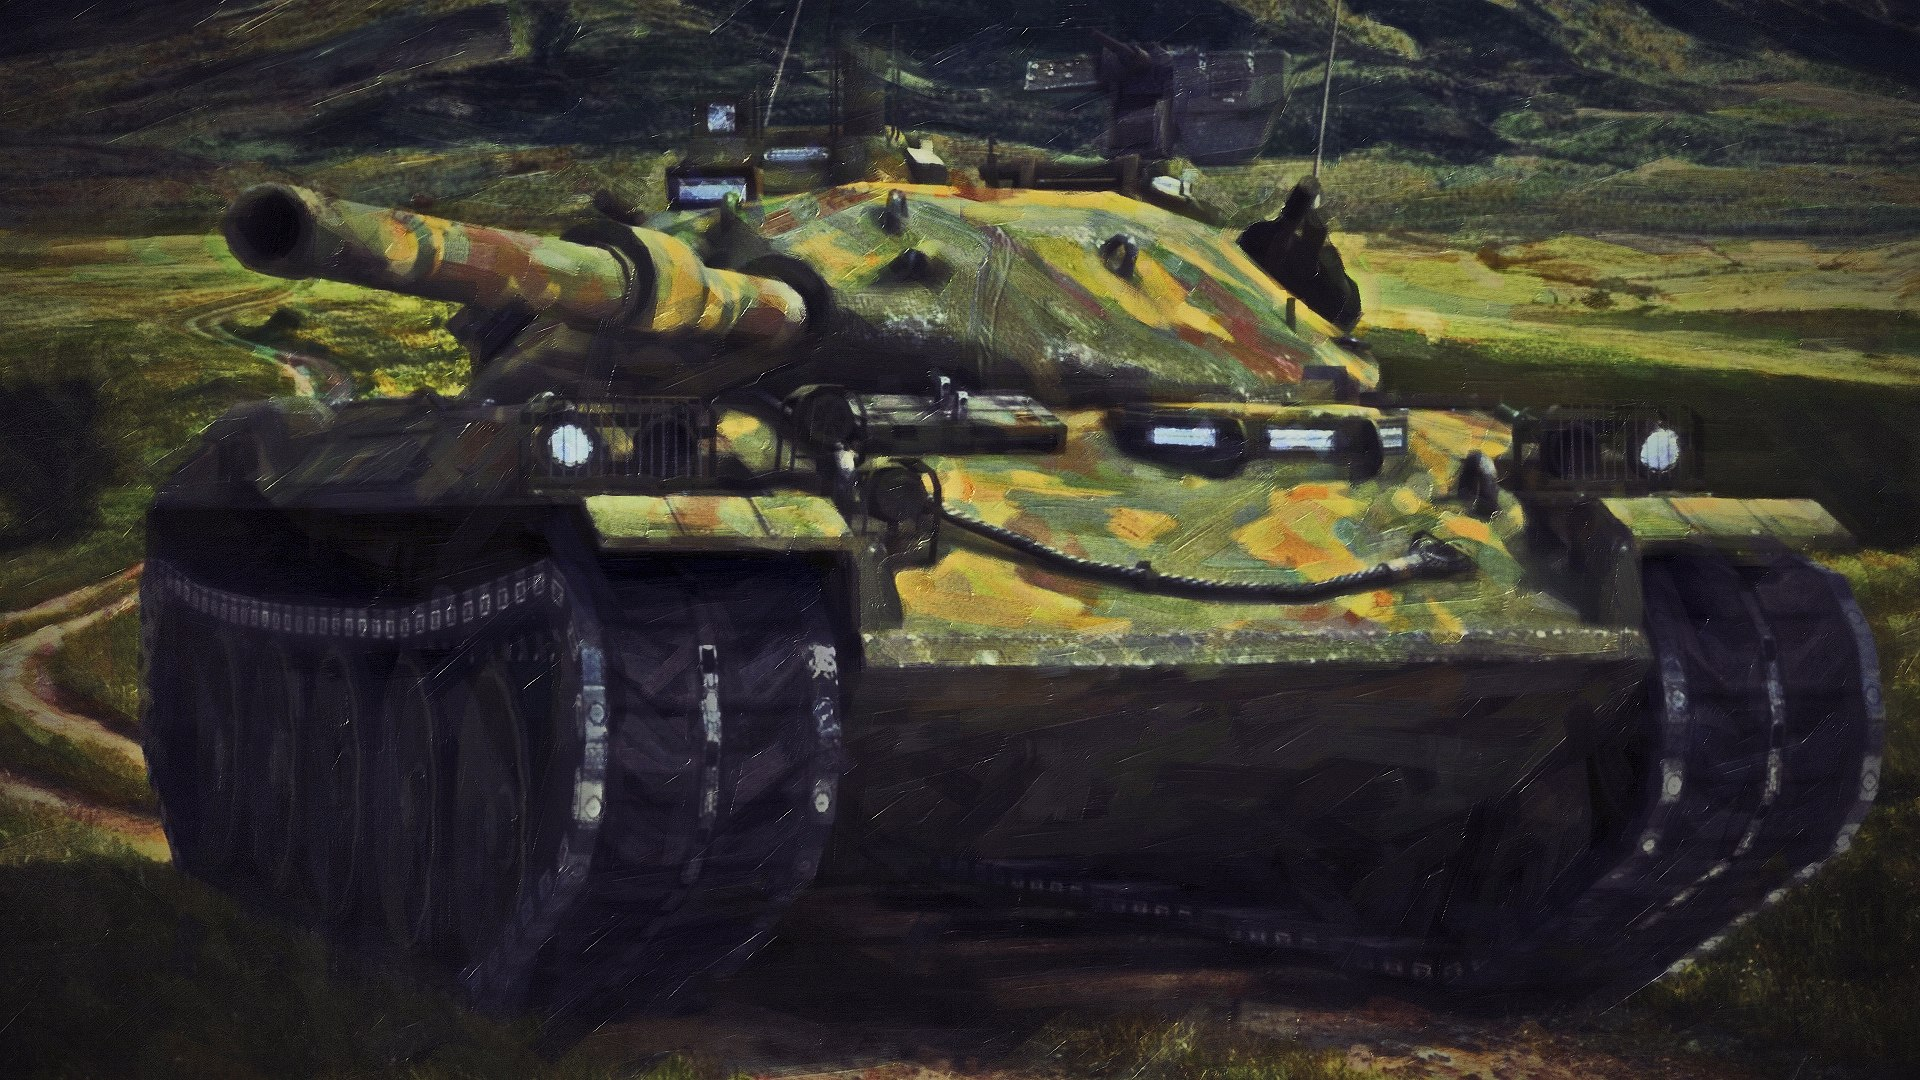 Hình nền máy tính xe tank được vẽ theo phong cách sơn dầu